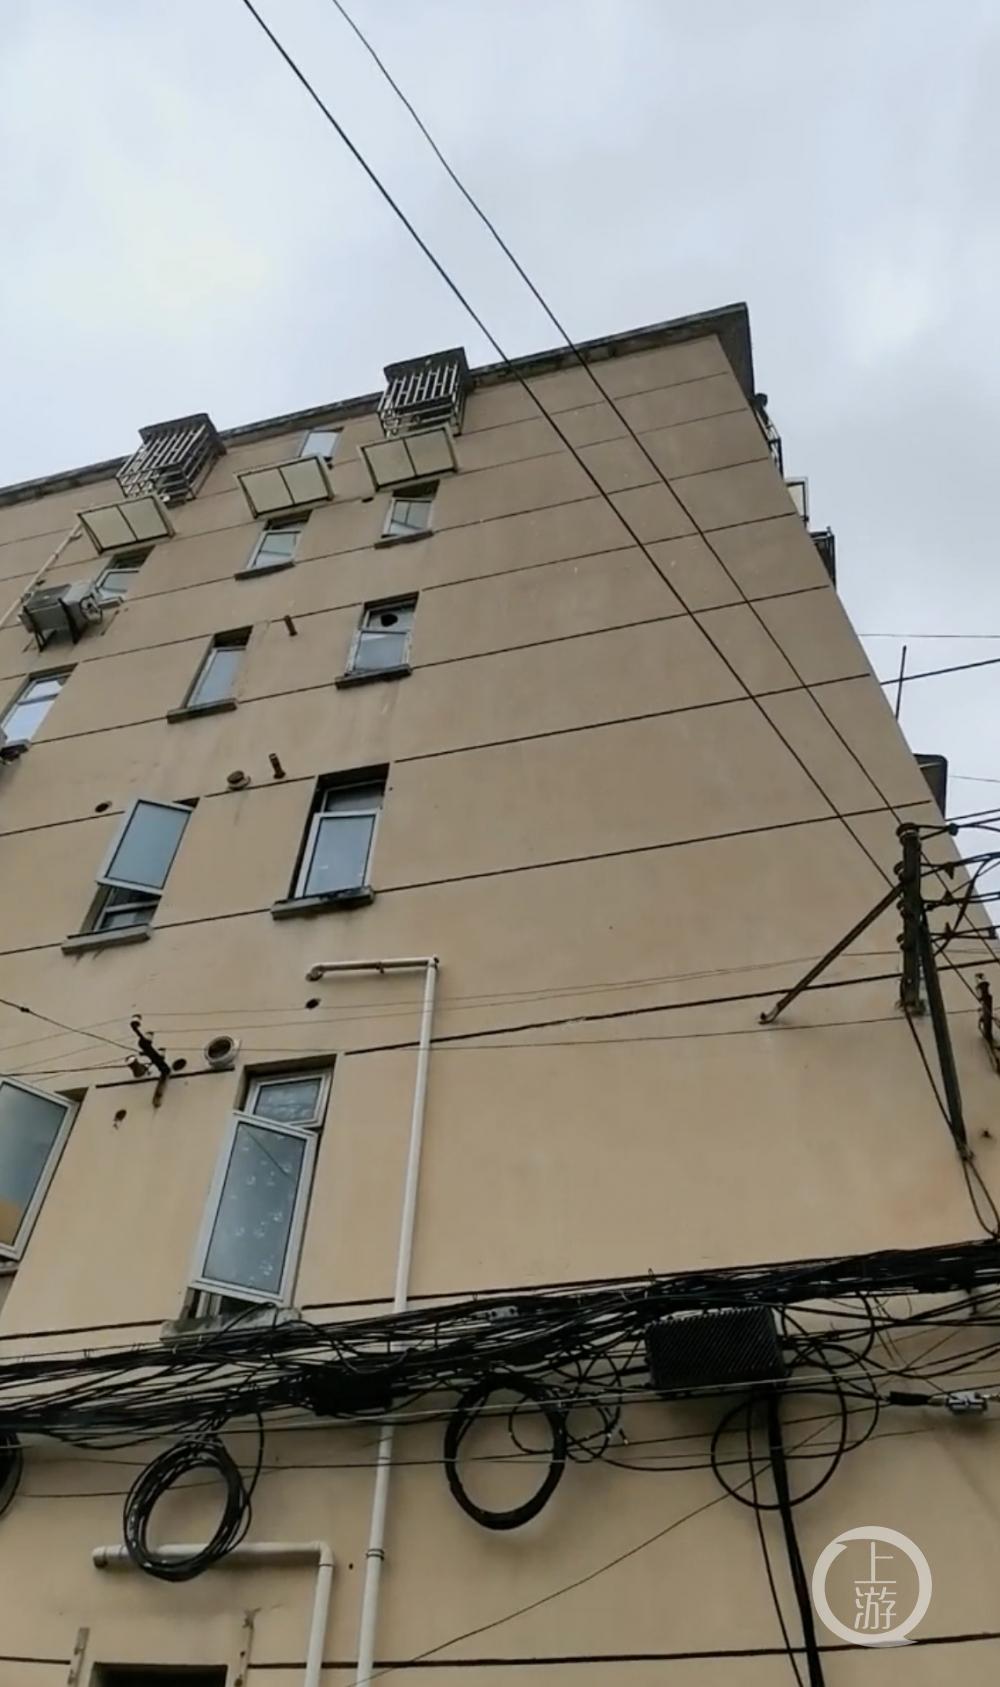 上海一女子遇害后被藏行李箱运到无锡,嫌犯落网,无网传碎尸情节